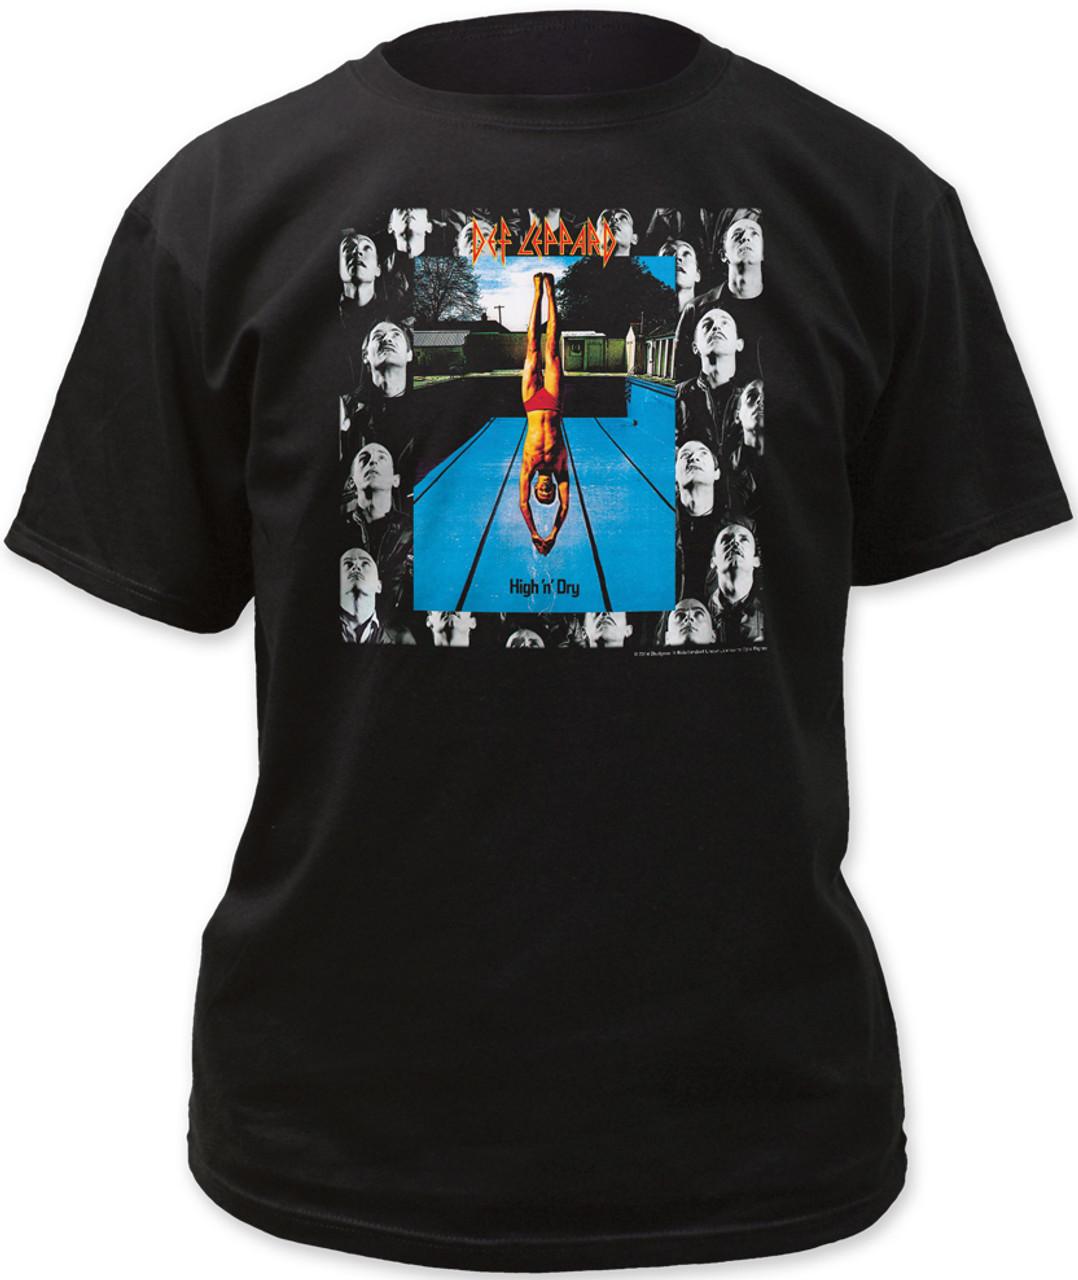 Def Leppard High n Dry Album Tour 1981 Pool Dive Mens T Shirt Rock Band Merch